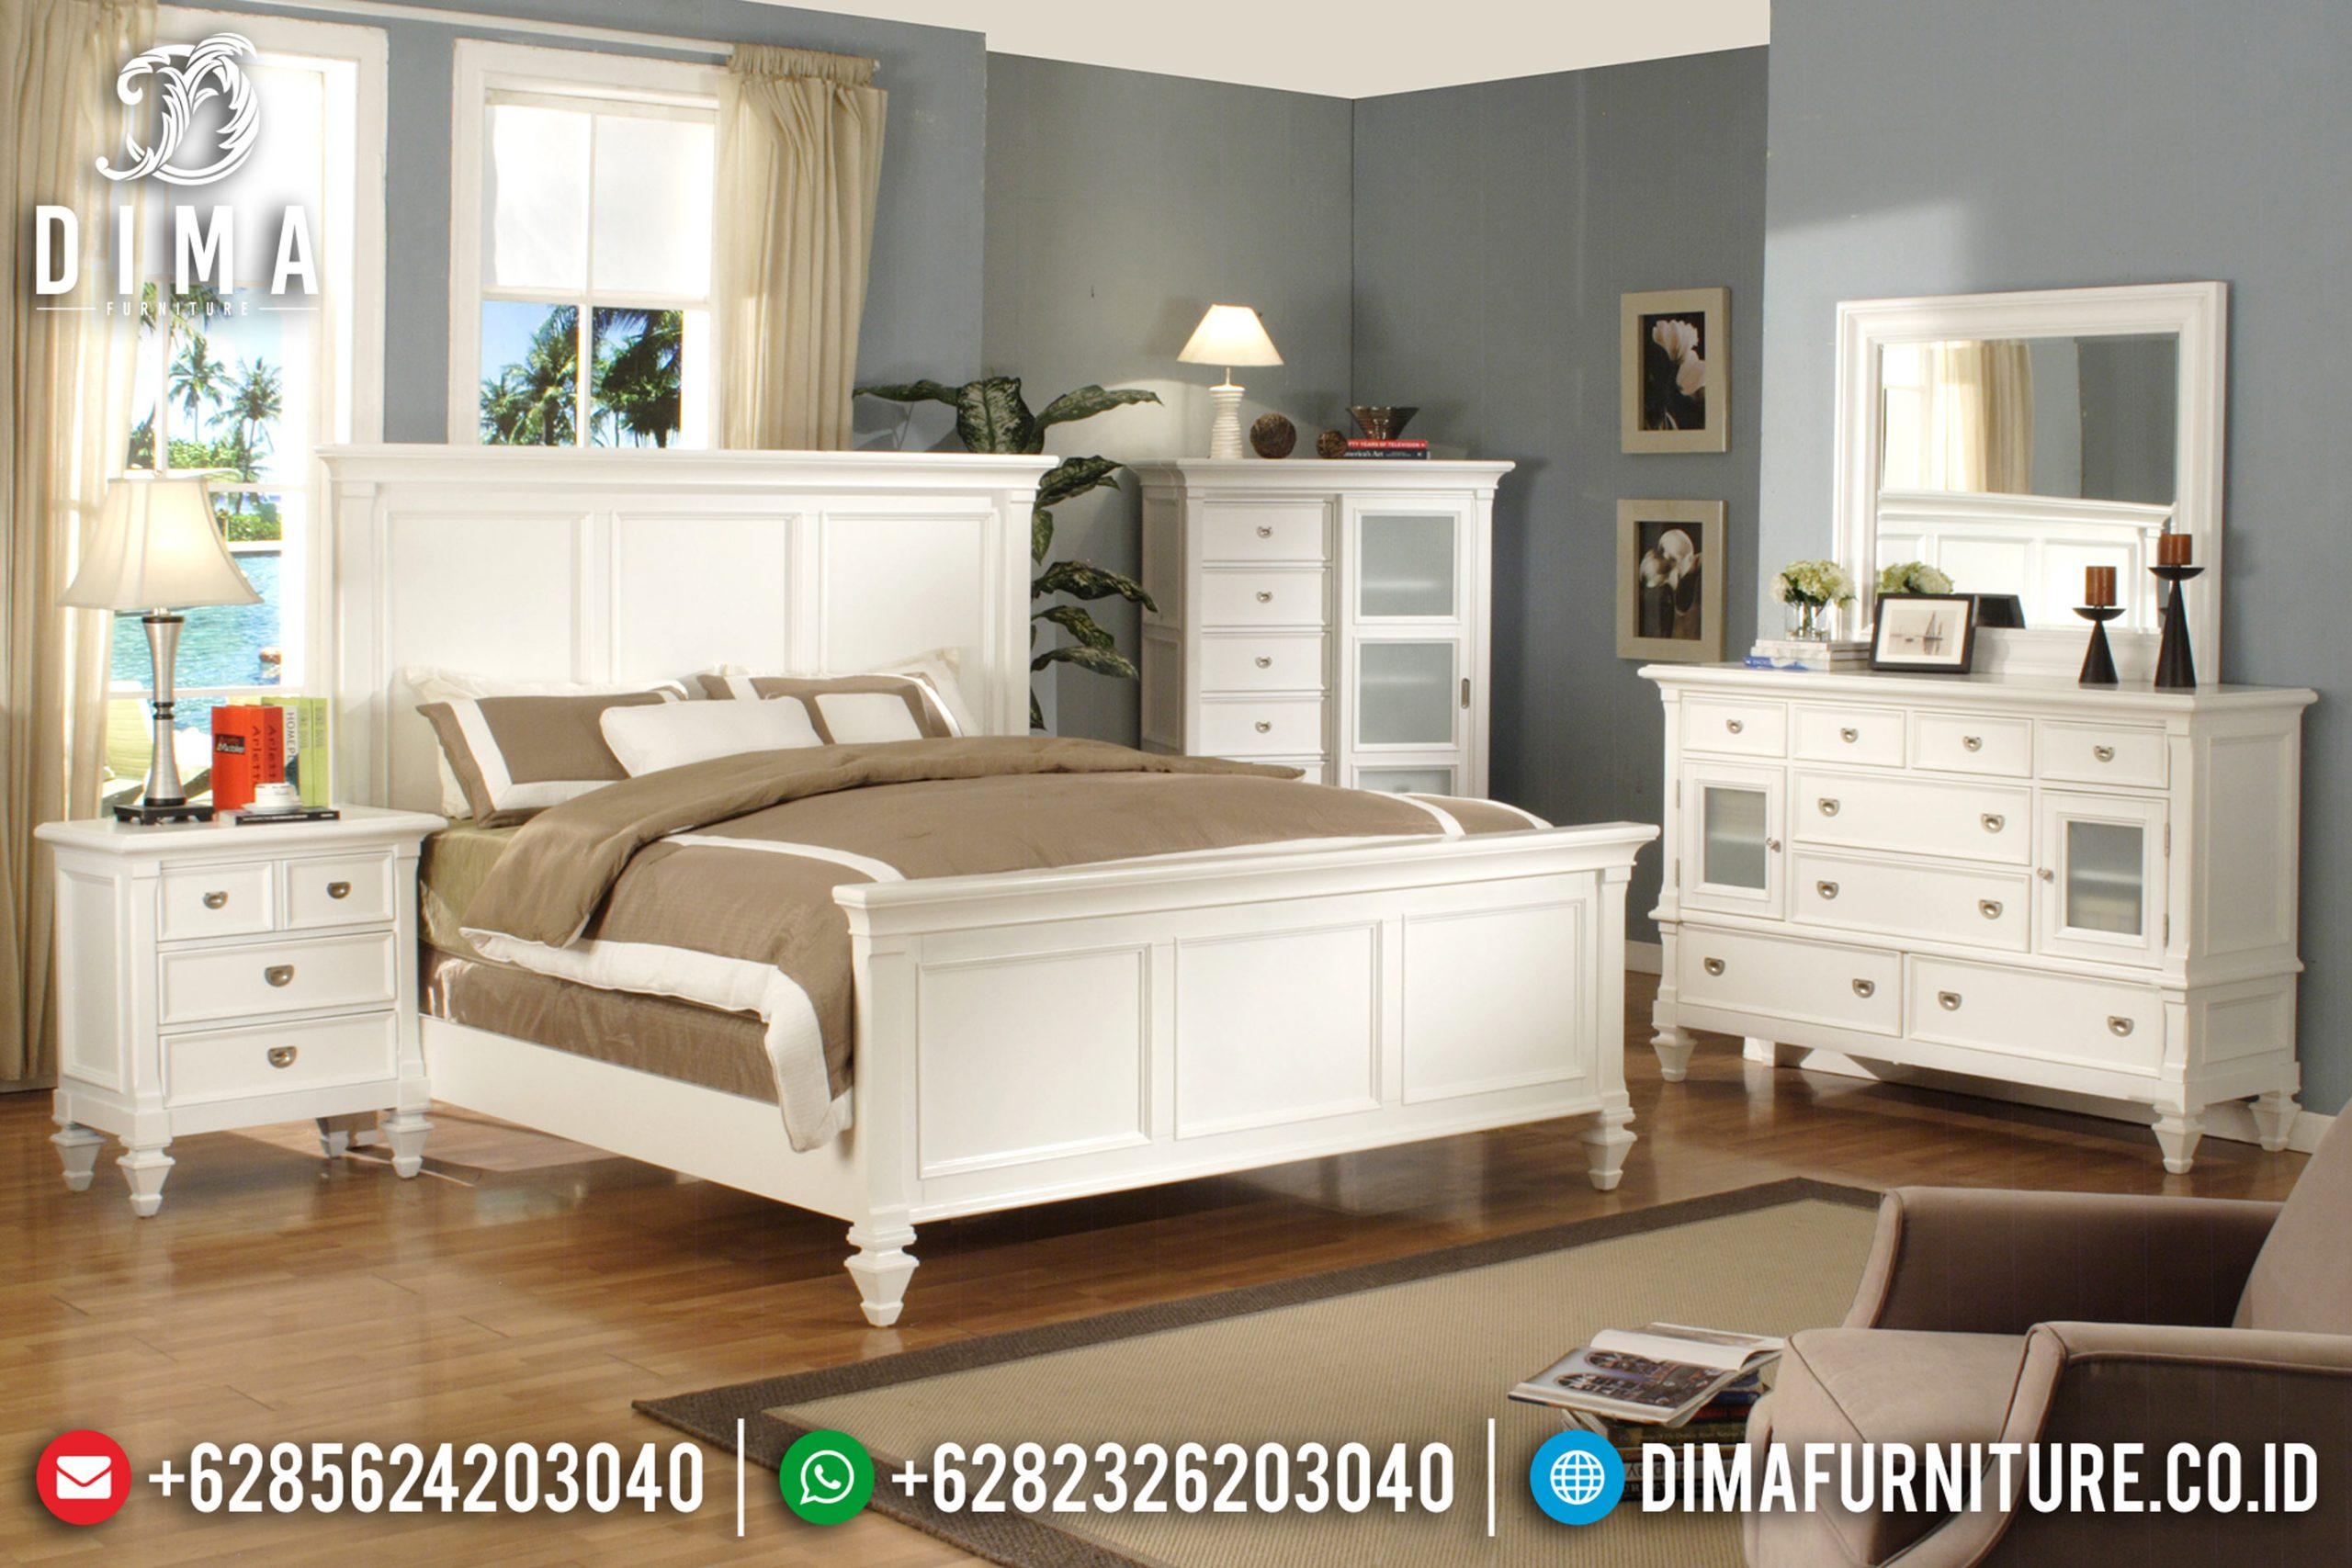 Jual 1 Set Tempat Tidur Minimalis Duco Putih Mebel Jepara Terbaru MM-0369